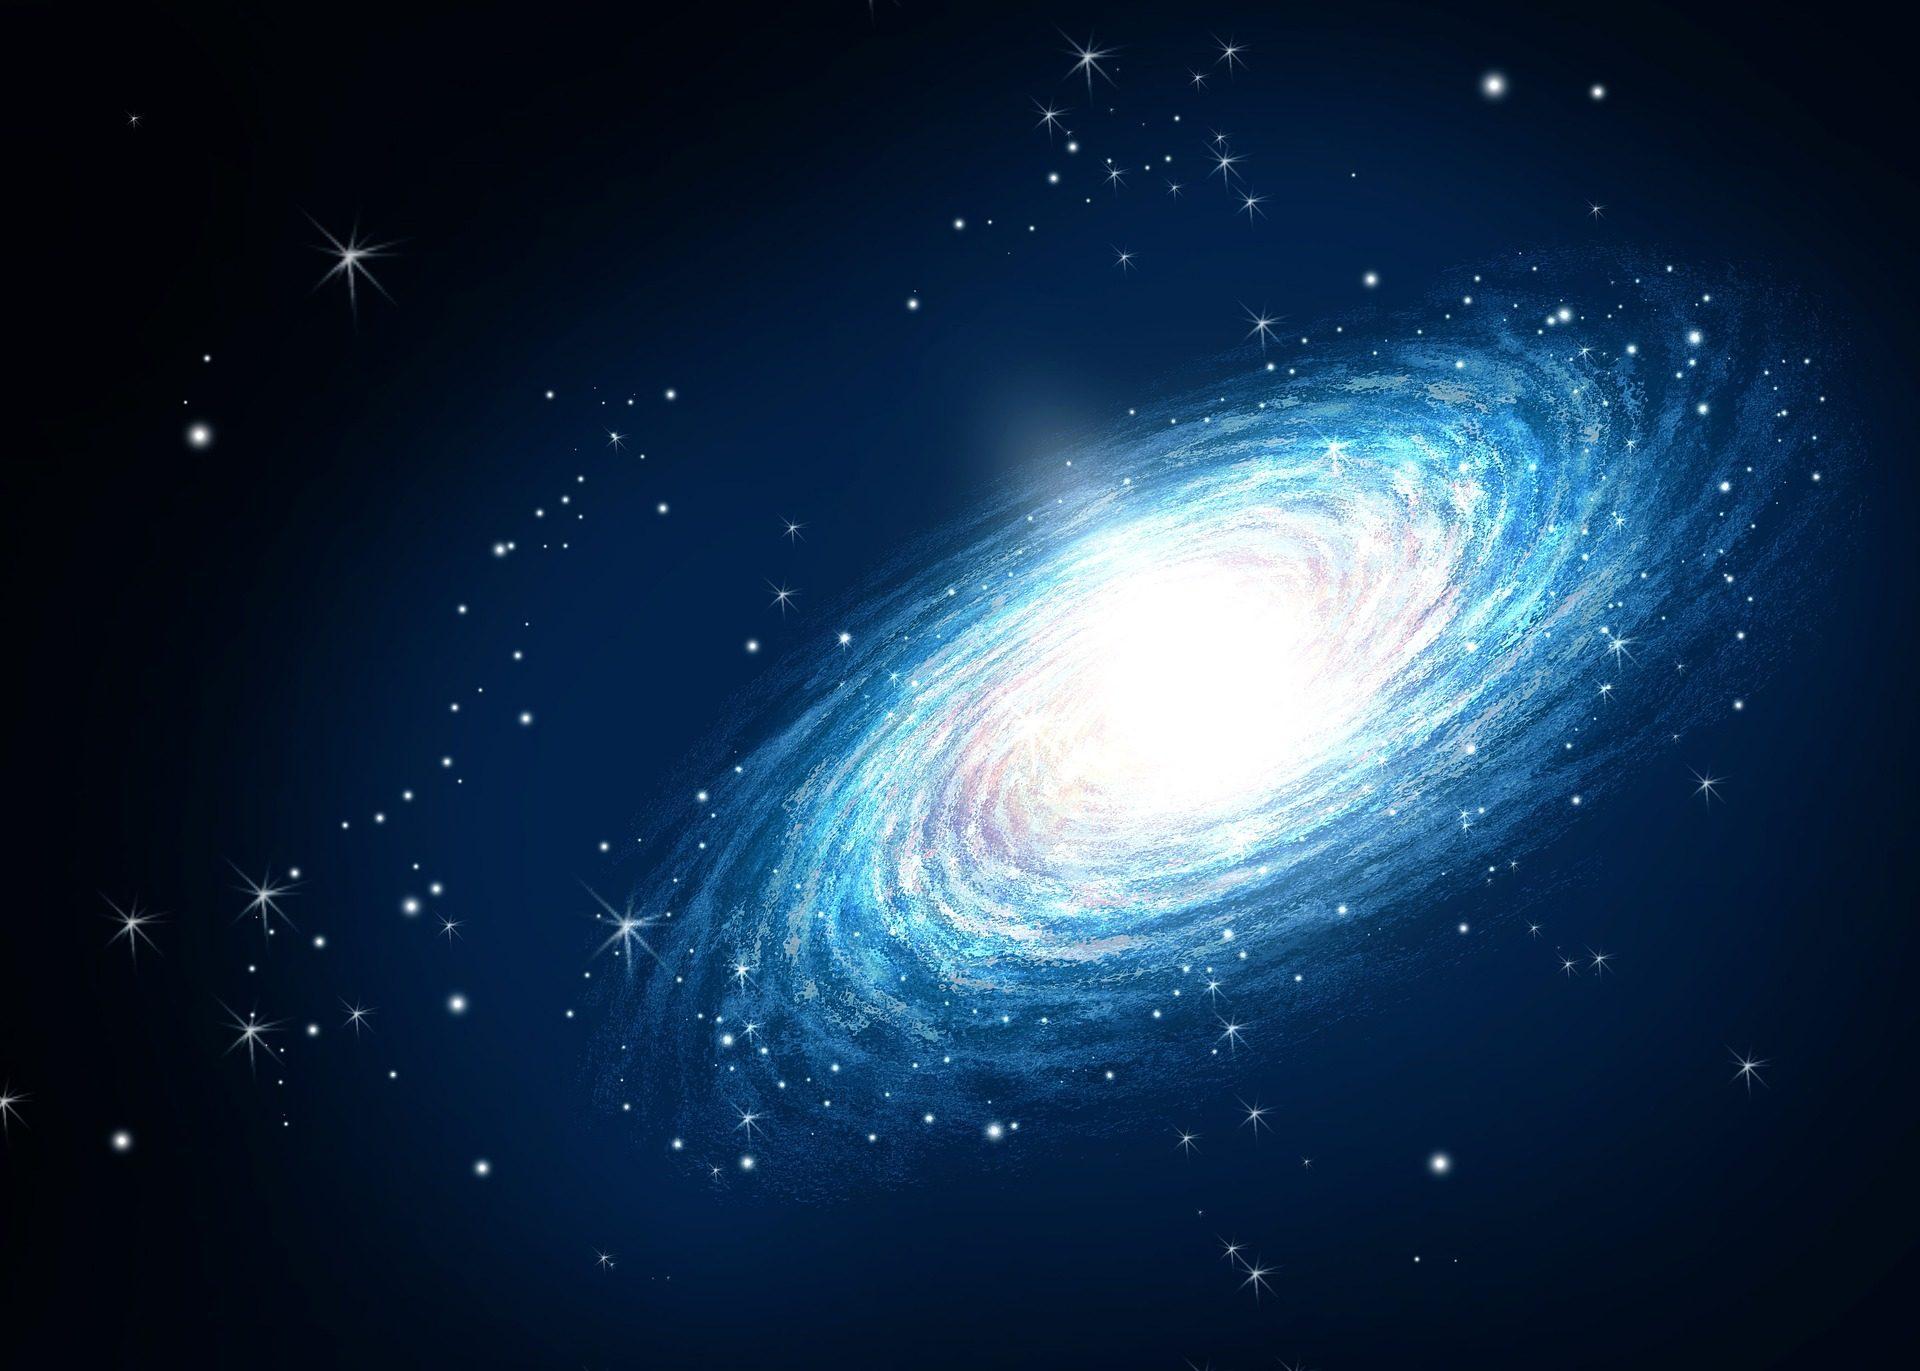 Galáxia, Nebulosa, espaço, Estrela, ilustração, desenho - Papéis de parede HD - Professor-falken.com